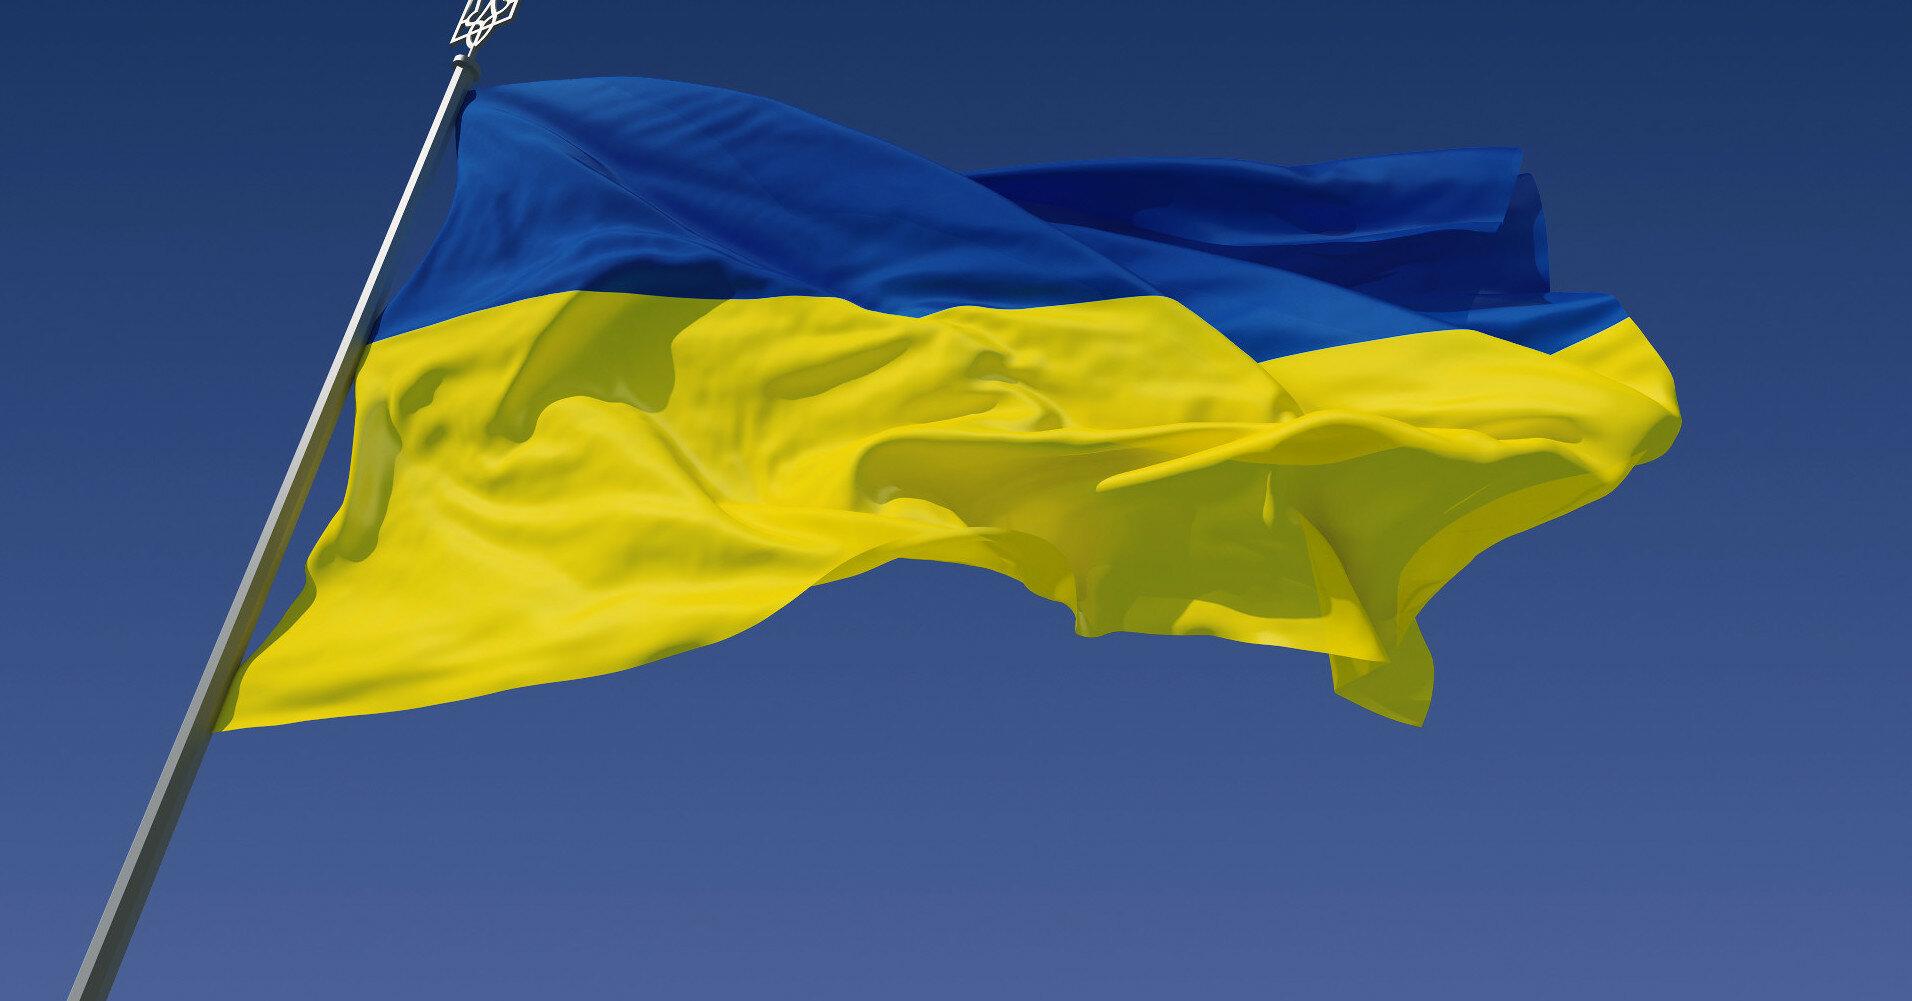 В Украину вернулся капитан судна, которого удерживали на Шри-Ланке